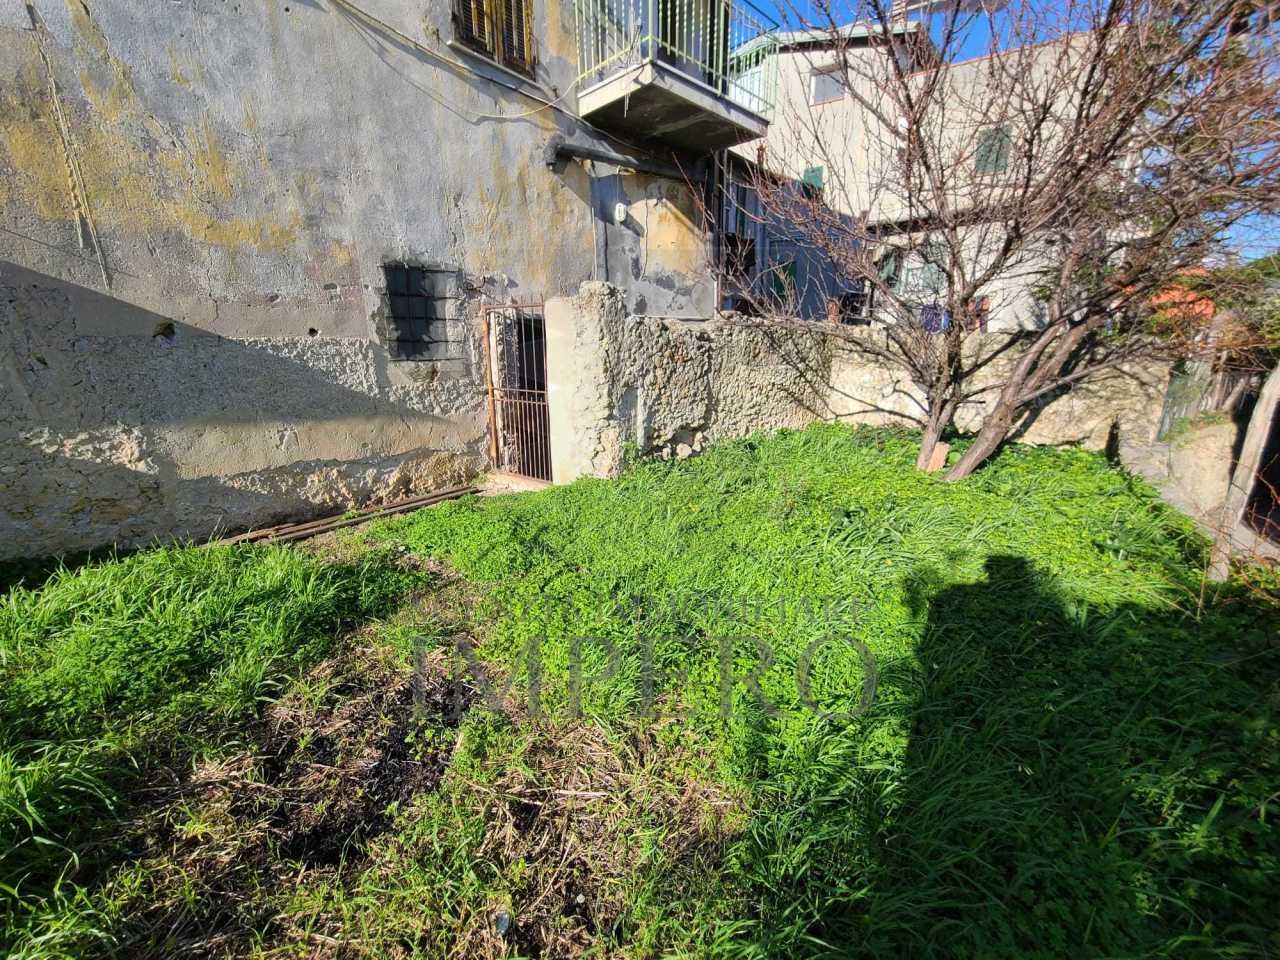 Terreno Agricolo in vendita a Ventimiglia, 1 locali, prezzo € 30.000 | PortaleAgenzieImmobiliari.it